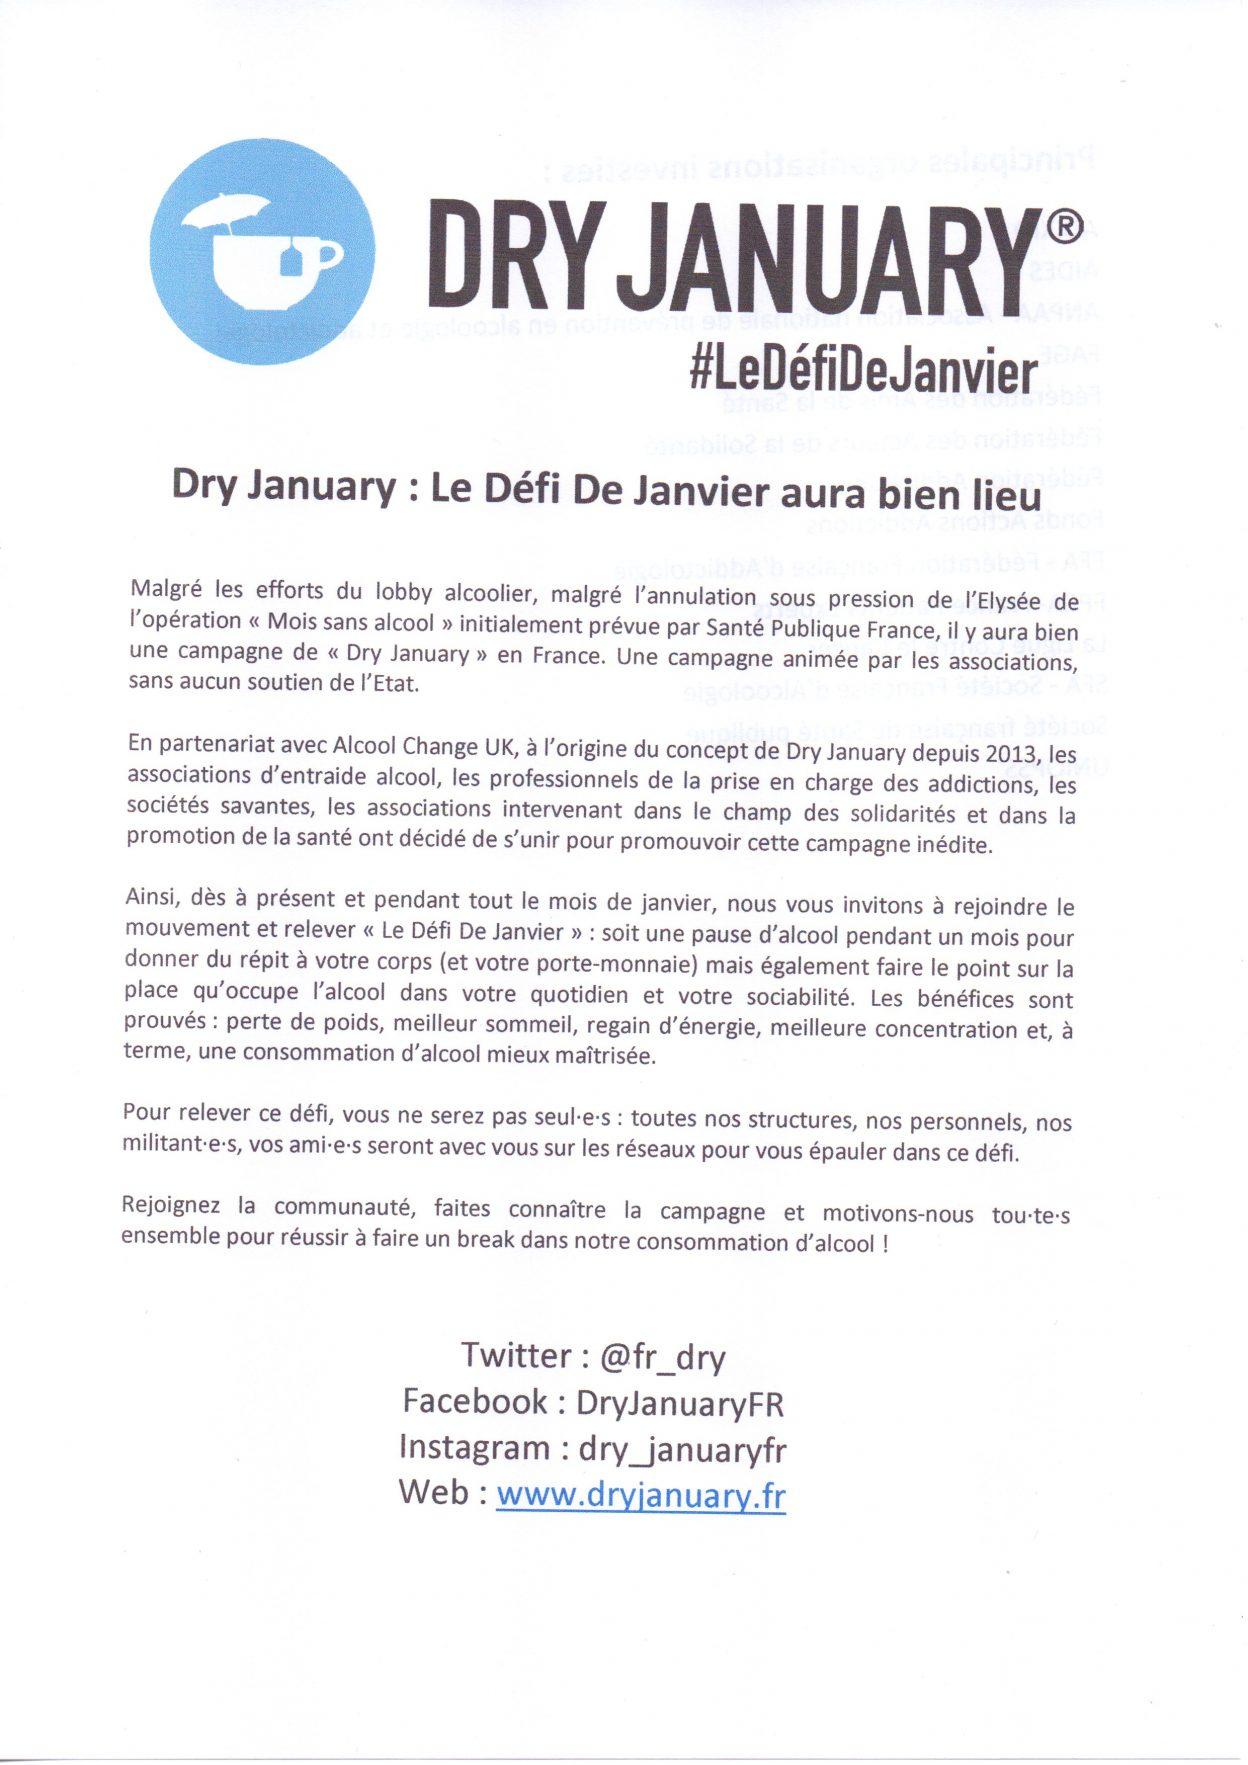 DRY january: Le défi de